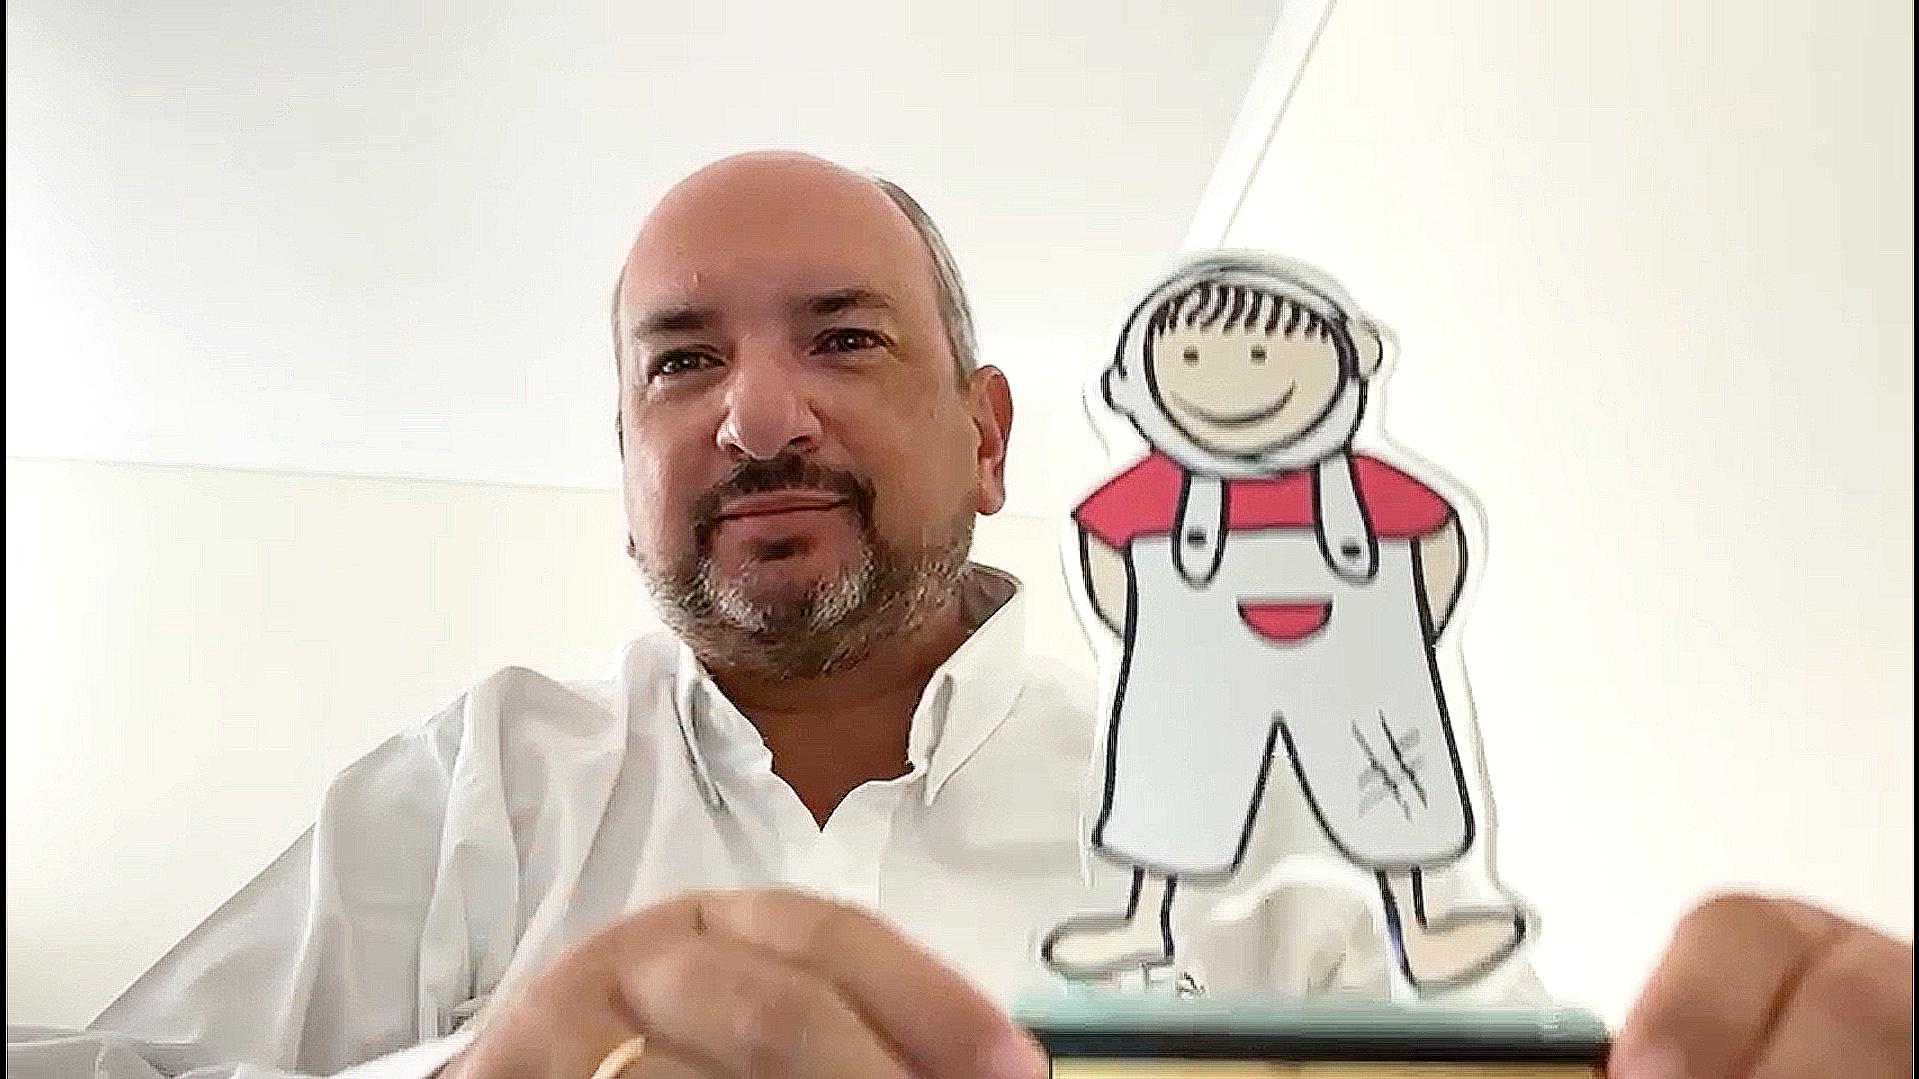 ANIQUEM premia a Fenix gracias a participación en programa de reciclaje